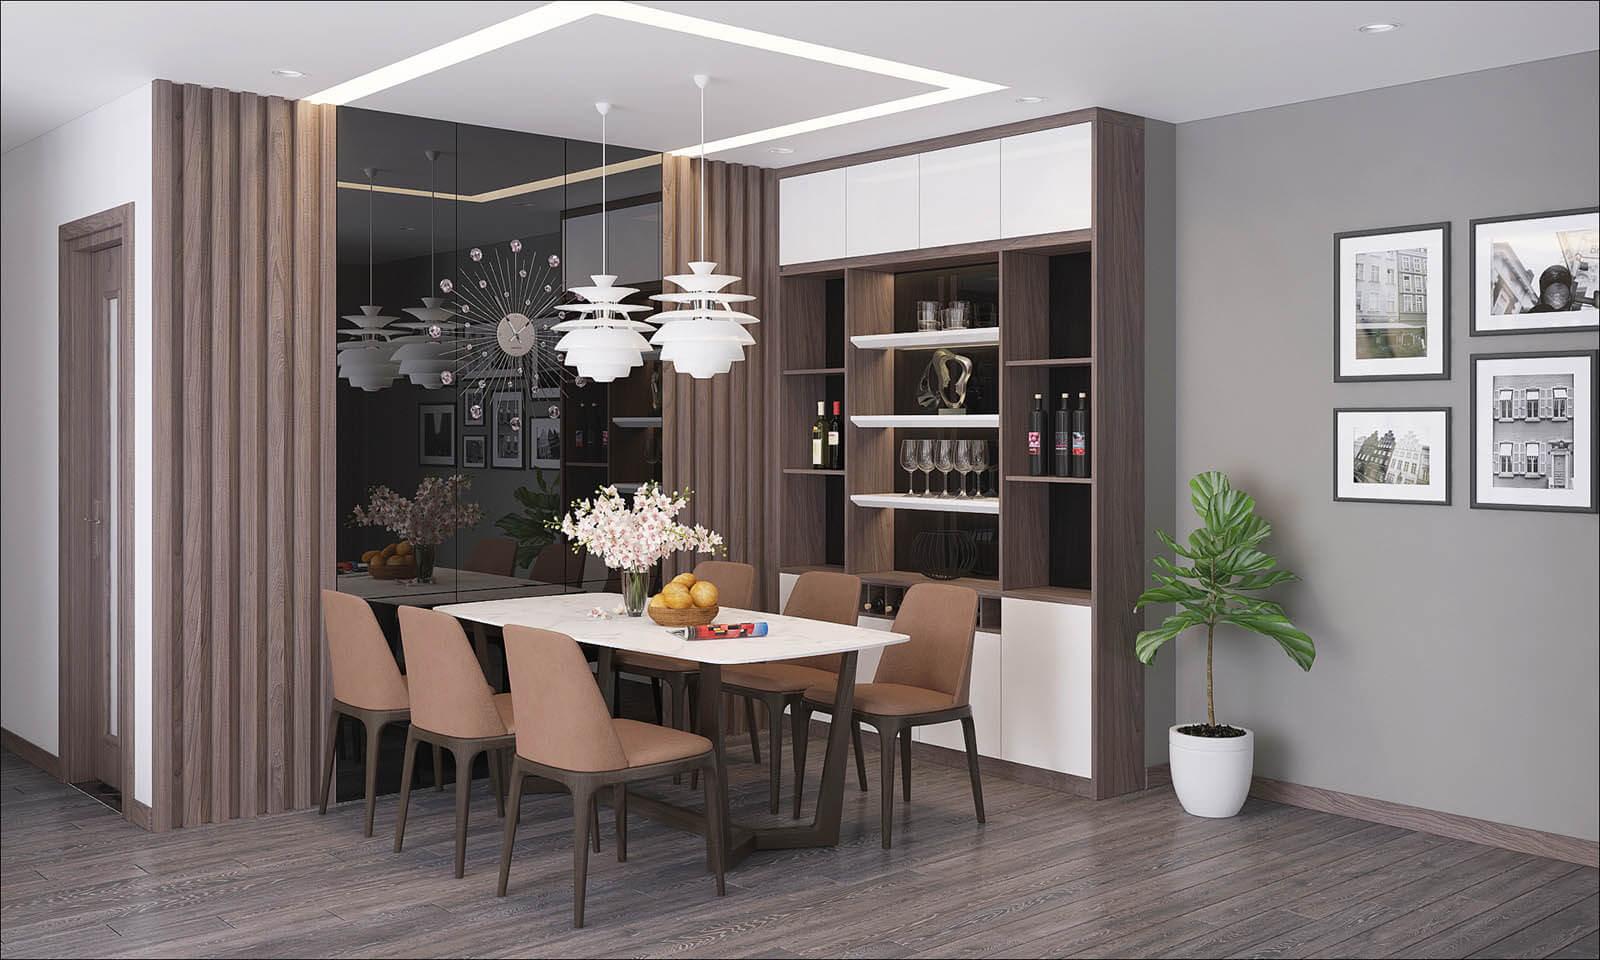 phòng ăn căn hộ eco smart city